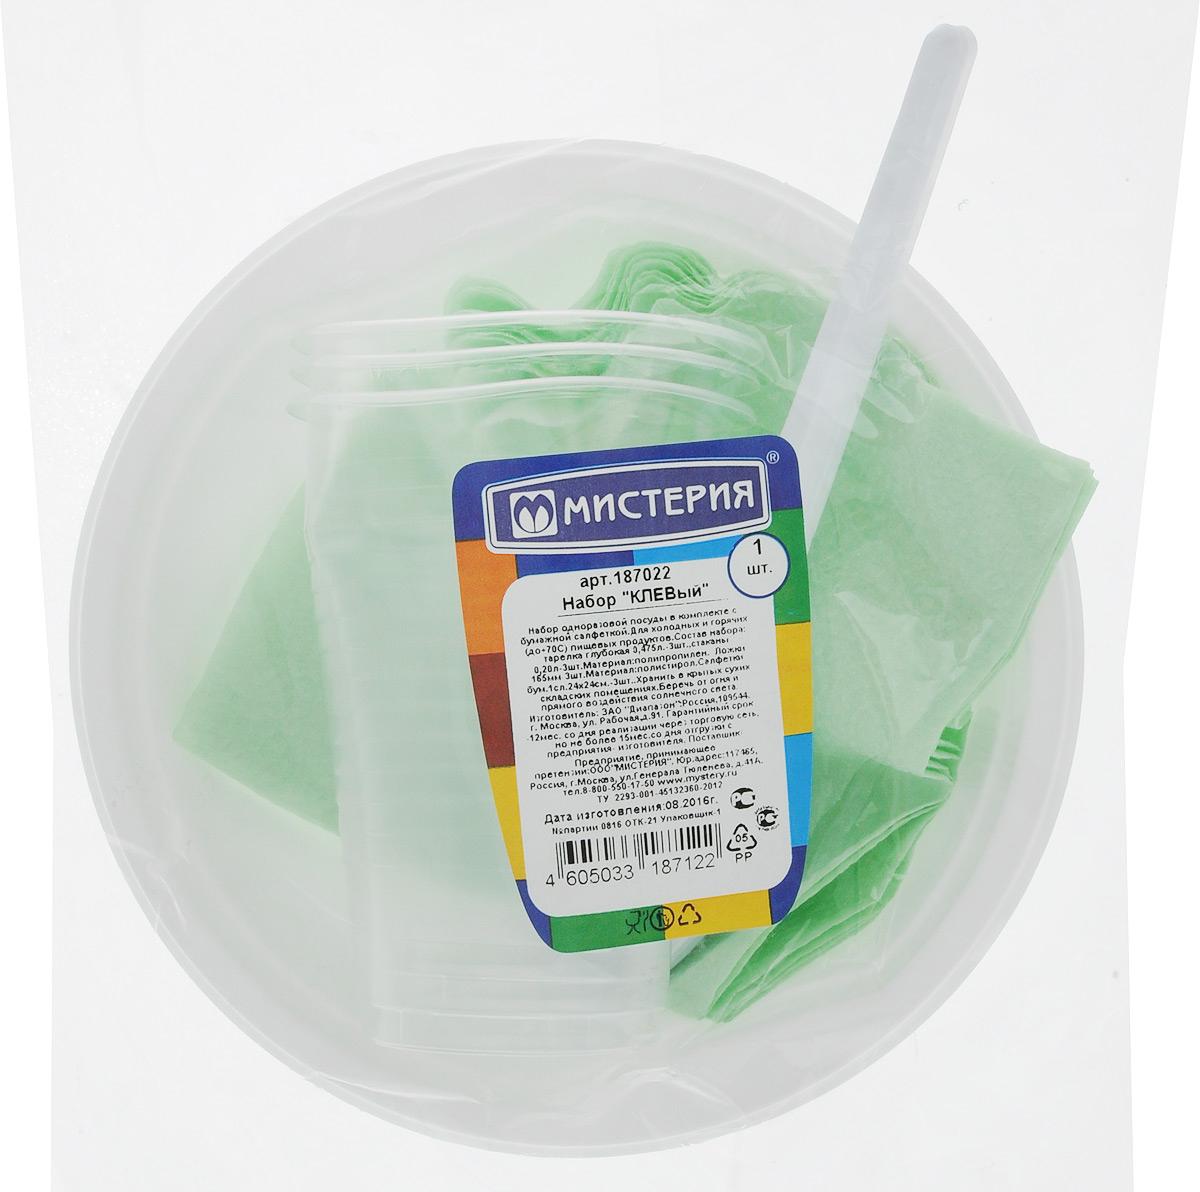 Набор одноразовой посуды Мистерия КЛЕВый, 12 предметов187022Набор одноразовой посуды Мистерия КЛЕВый на 3 персоны включает 3 глубокие тарелки, 3 столовые ложки, 3 стакана и 3 бумажные салфетки. Посуда выполнена из пищевого пластика, предназначена для холодных и горячих (до +70°С) пищевых продуктов. Такой набор посуды отлично подойдет для отдыха на природе. В нем есть все необходимое для пикника. Он легкий и не занимает много места, а самое главное - после использования его не надо мыть. Объем стакана: 200 мл. Диаметр стакана (по верхнему краю): 7 см. Высота стакана: 9,5 см. Объем тарелки: 475 мл. Диаметр тарелки: 15,5 см. Высота тарелки: 4,5 см. Длина ложки: 16,5 см. Размер салфетки: 24 х 24 см.